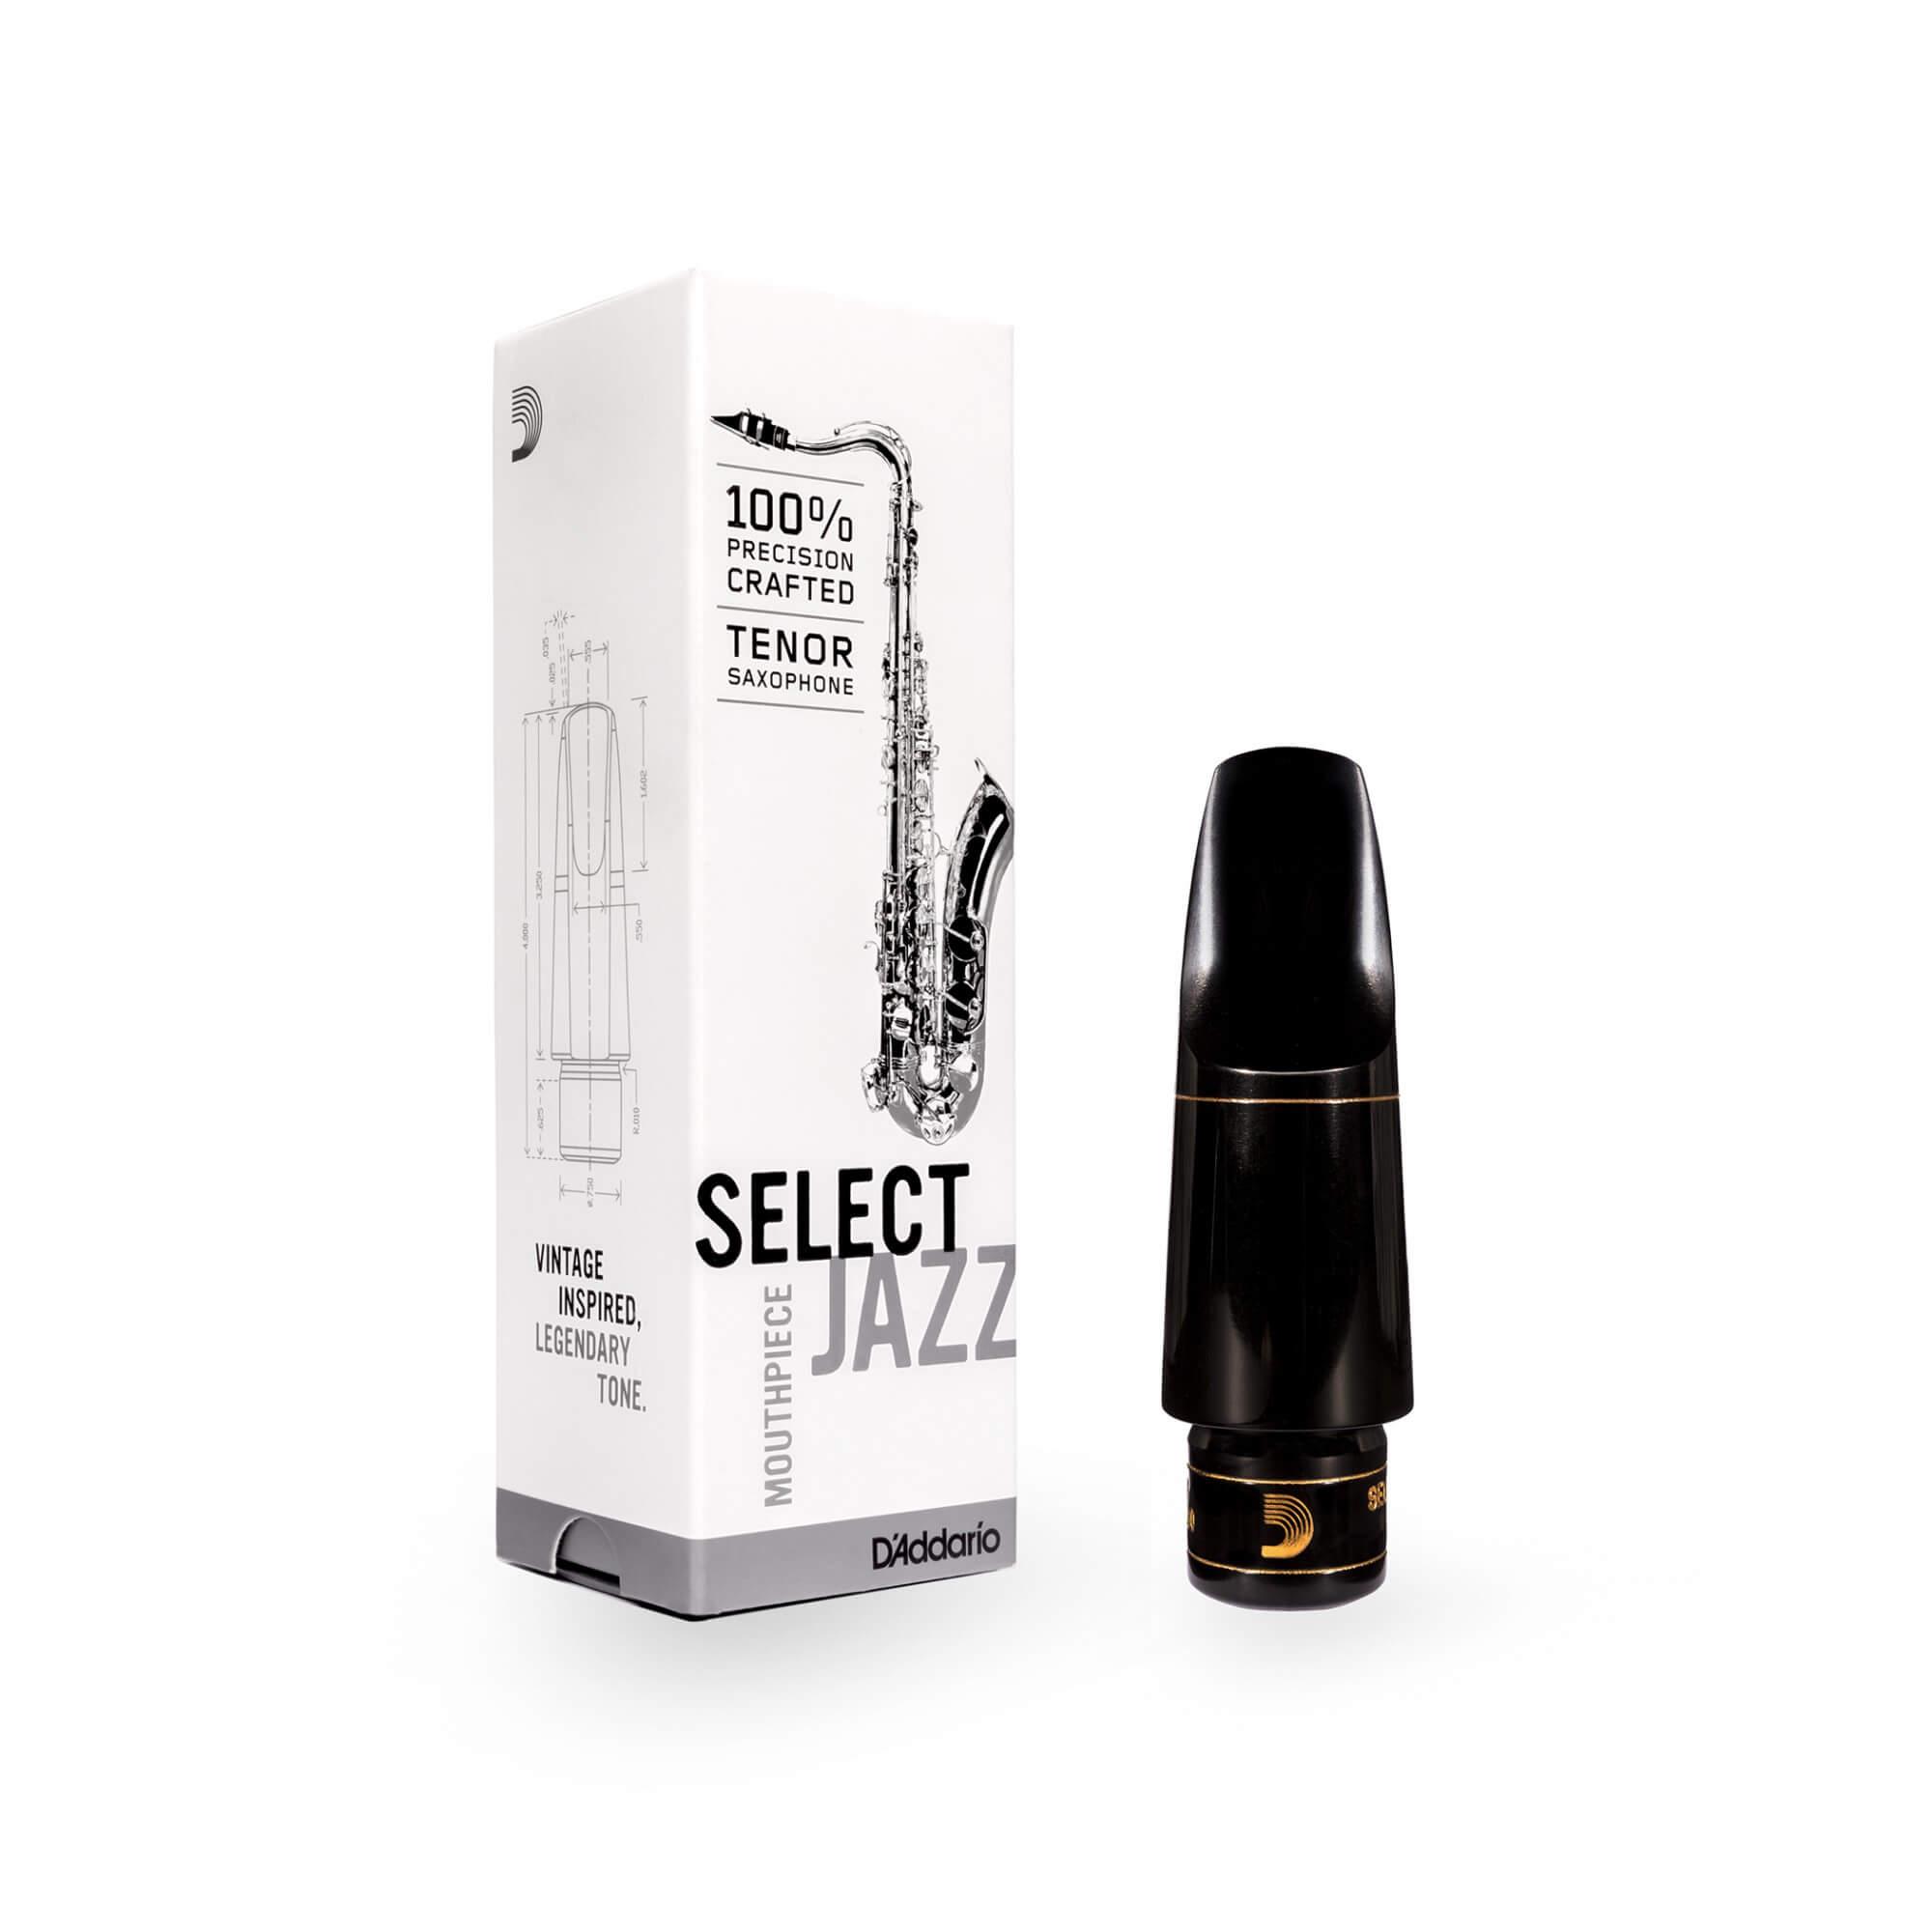 Boquilla Saxofón Tenor D'Addario Select Jazz D6M